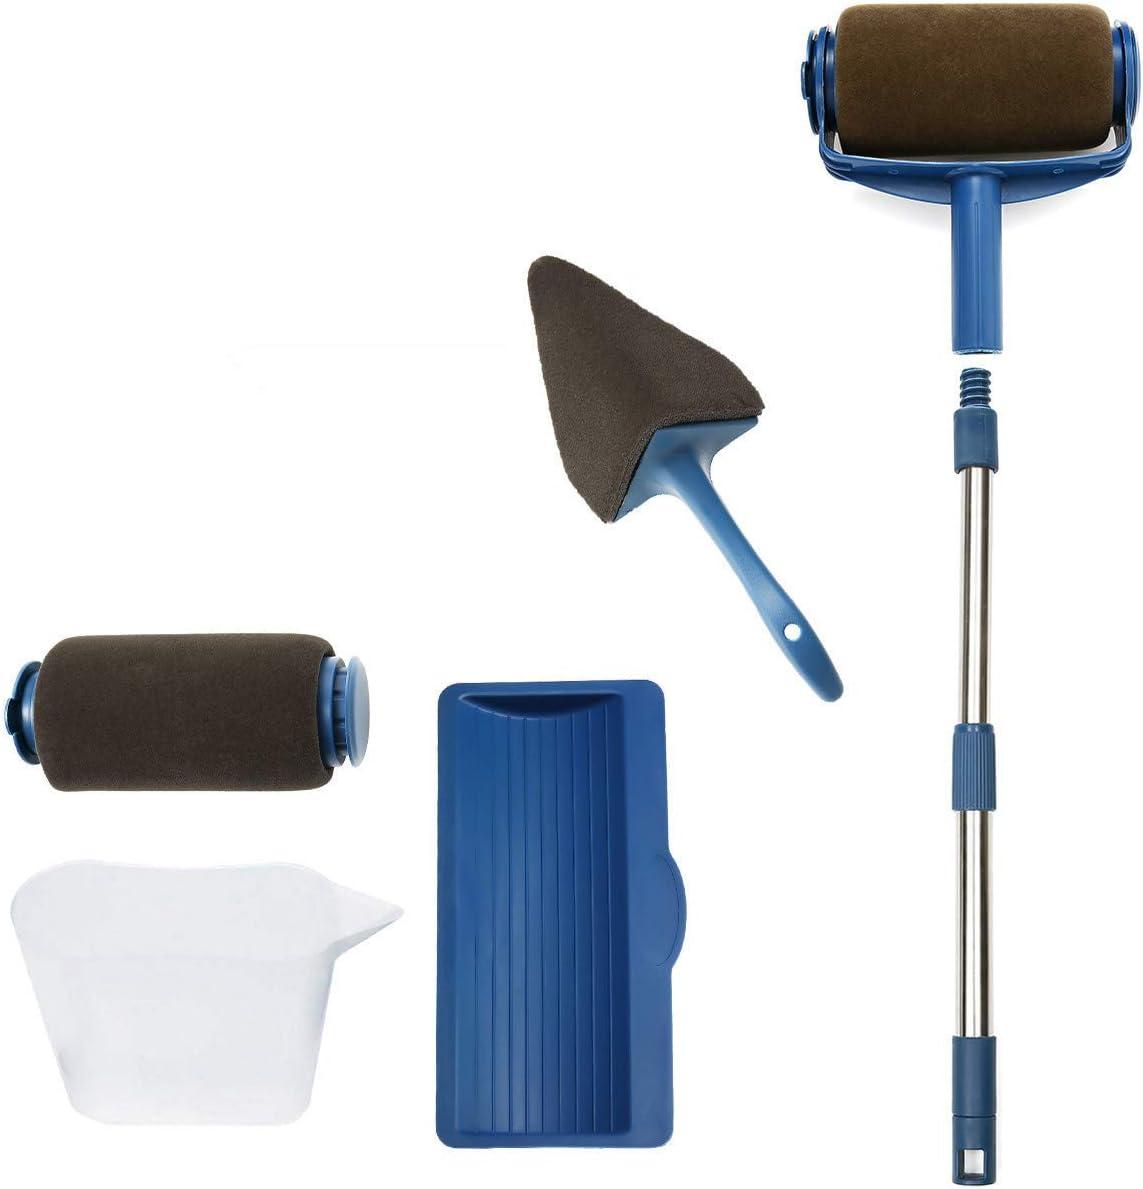 Charminer - Rodillo de pintura con depósito, rodillos de pintura profesional, kit de rodillo de pintura multifunción para pintura antigoteo para techo y paredes